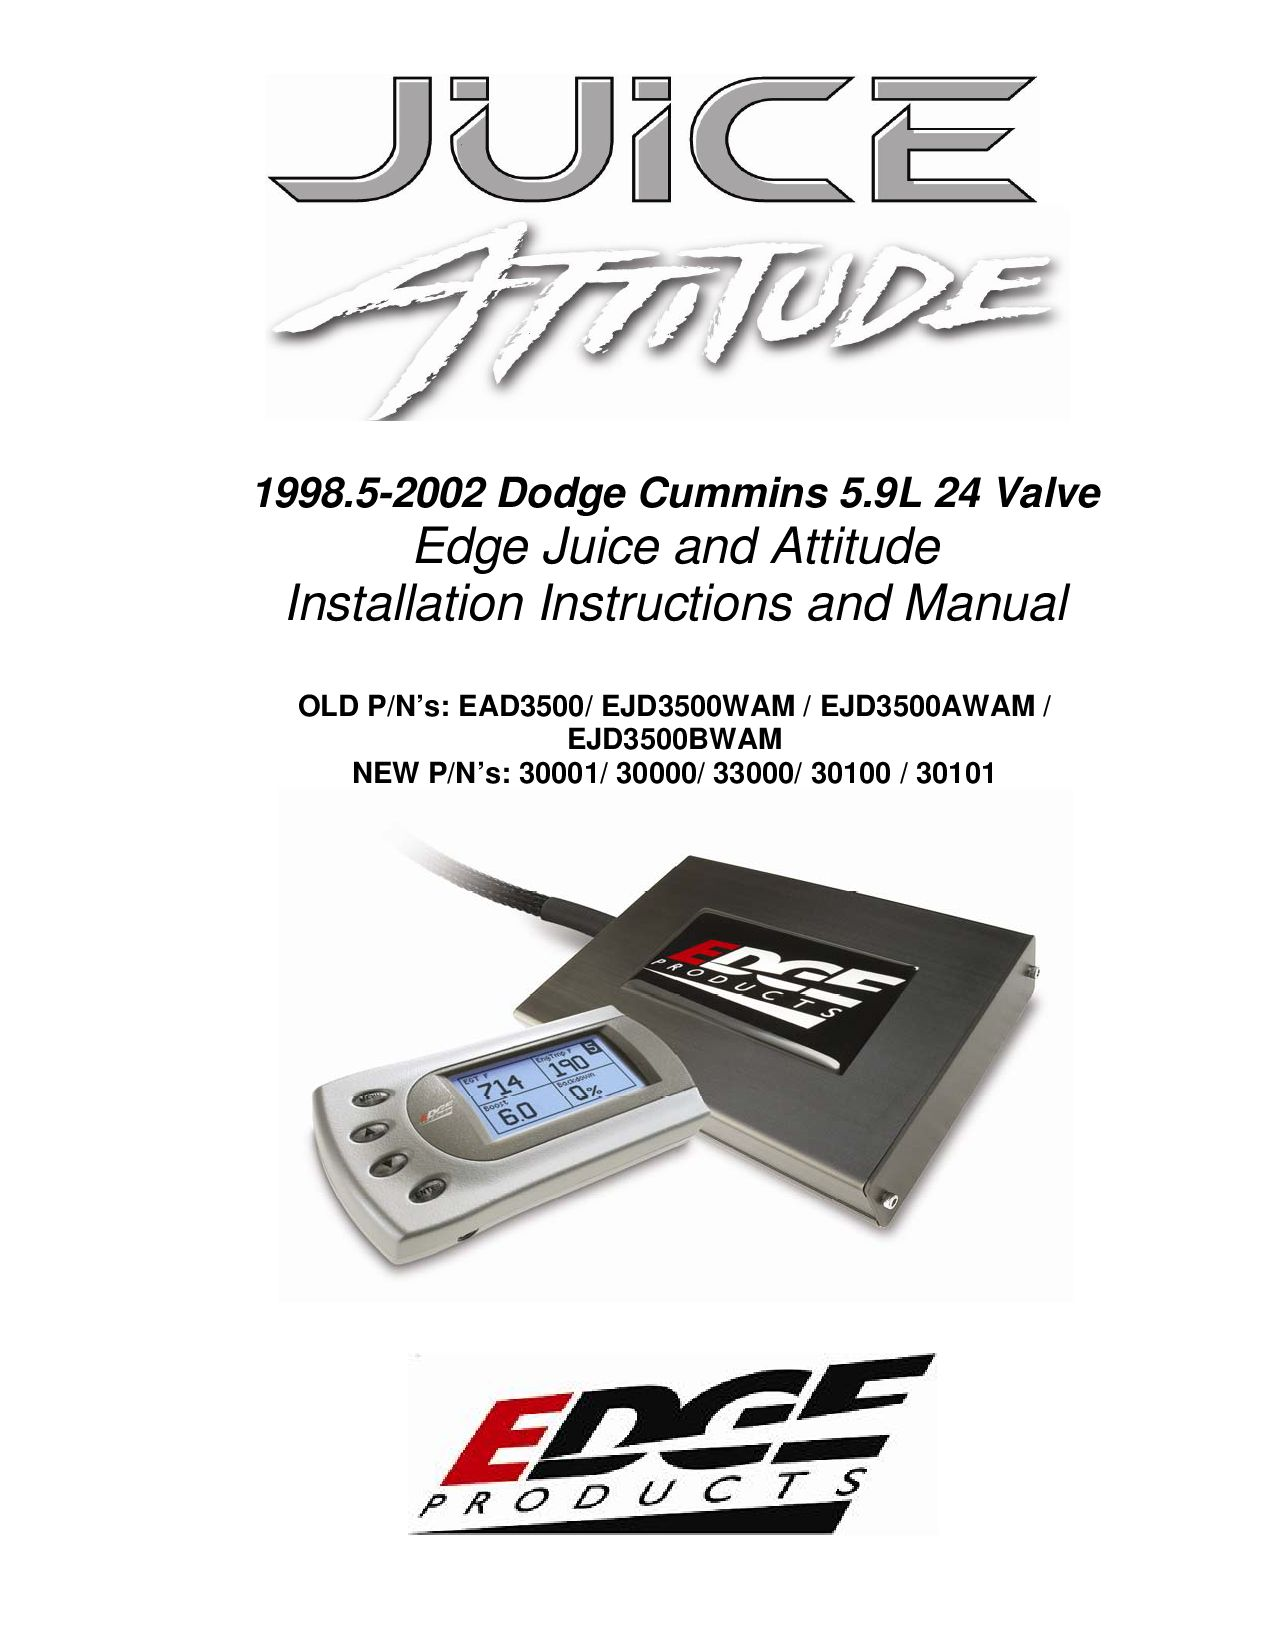 1998 5-2002 Dodge Cummins Edge Juice and Attitude